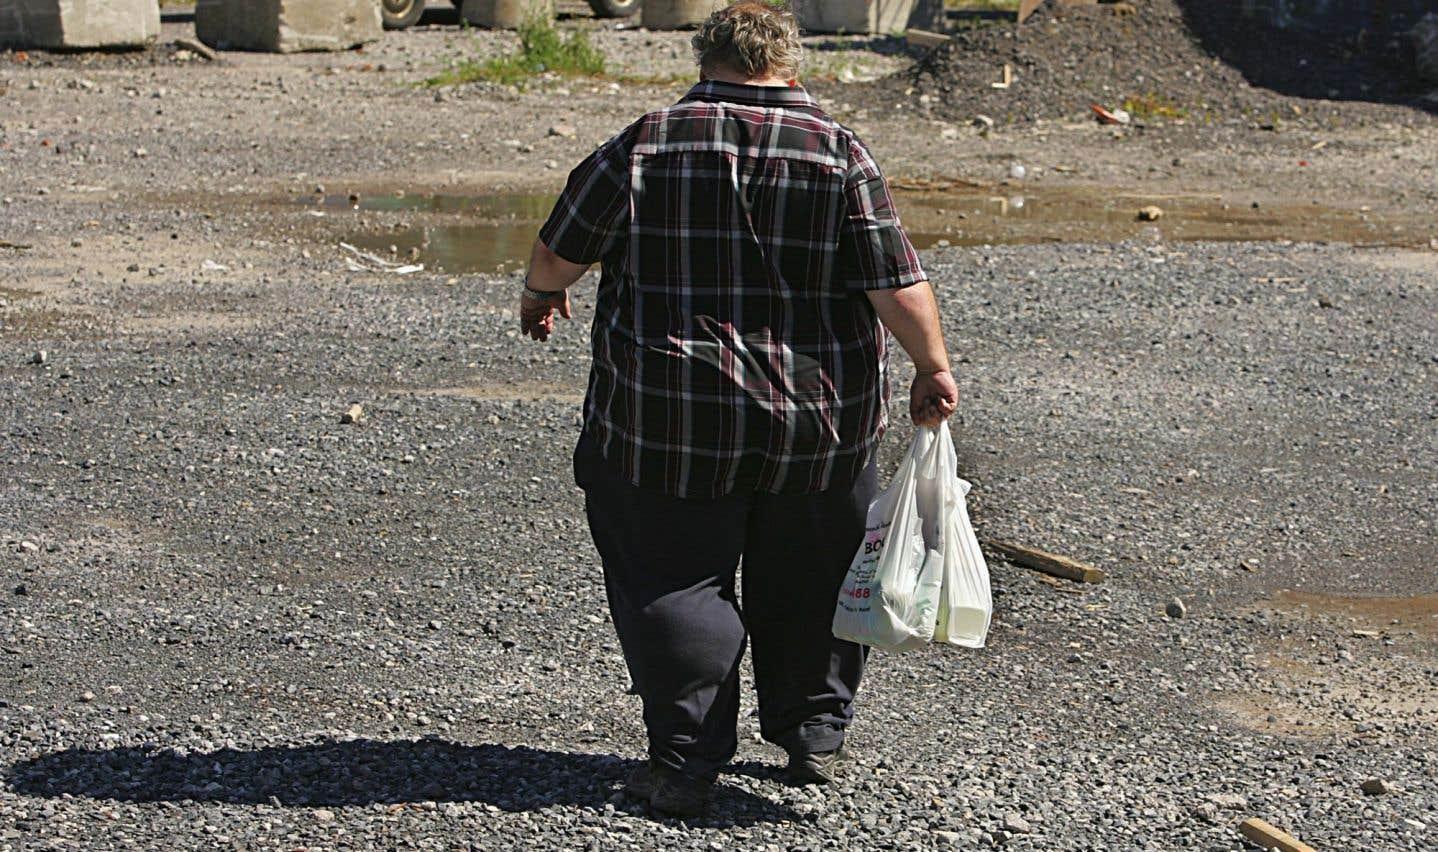 Marcher 5 ou 10 minutes quotidiennement permet une diminution du risque d'obésité et du risque de développer des maladies chroniques comme le diabète et l'hypercholestérolémie.